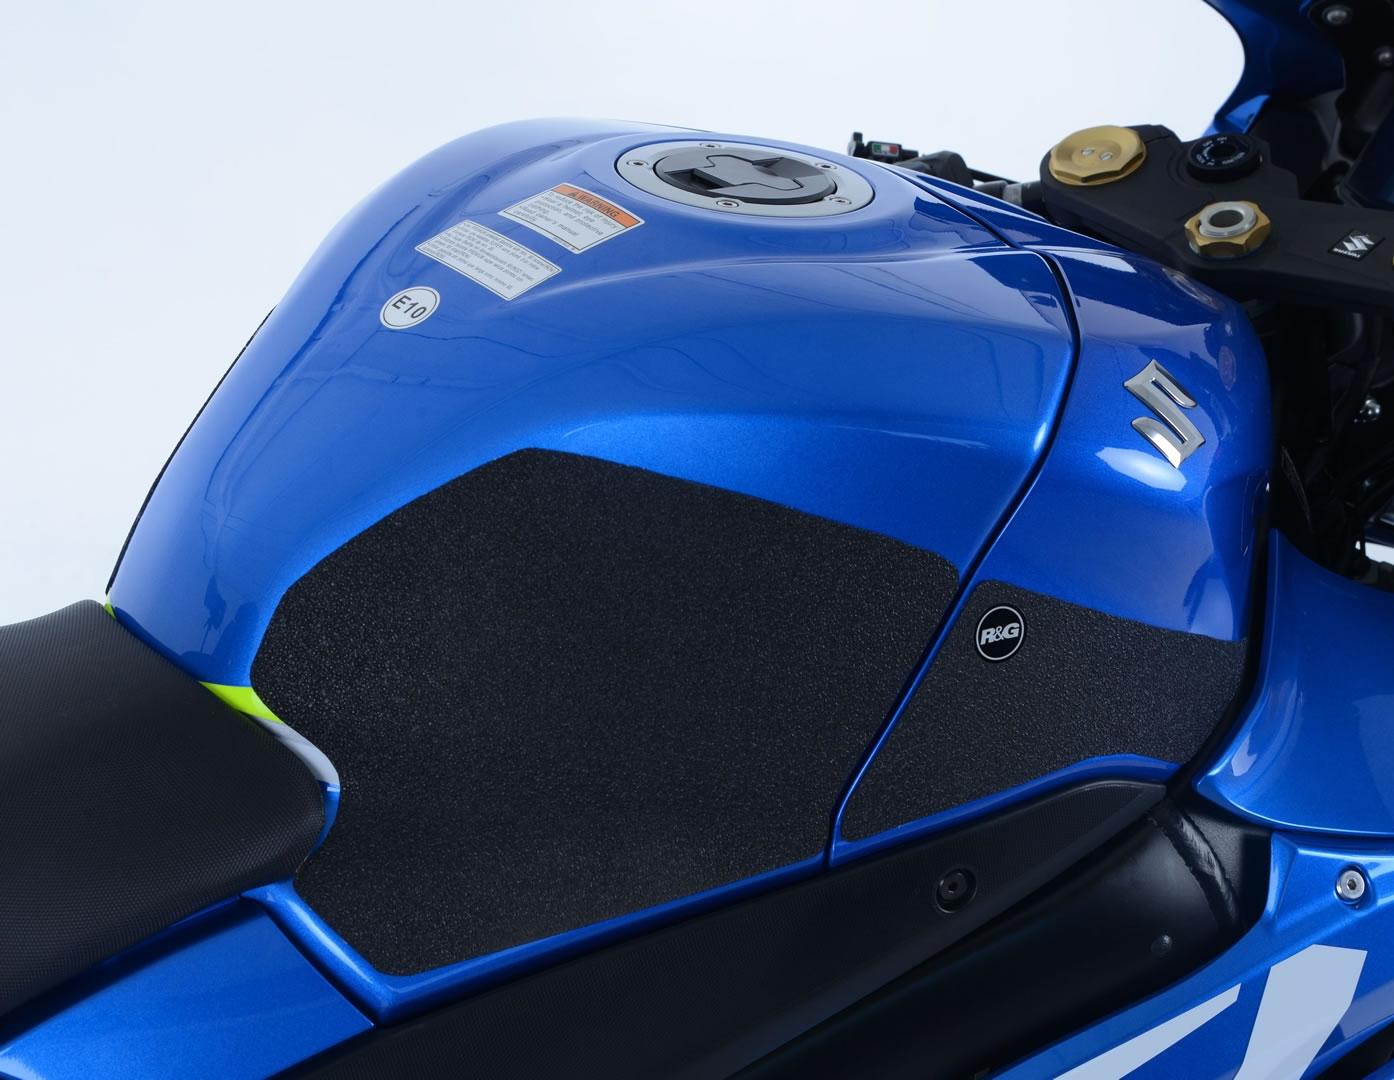 Kit grip de réservoir R&G Racing translucide Suzuki GSX-R 1000 17-18